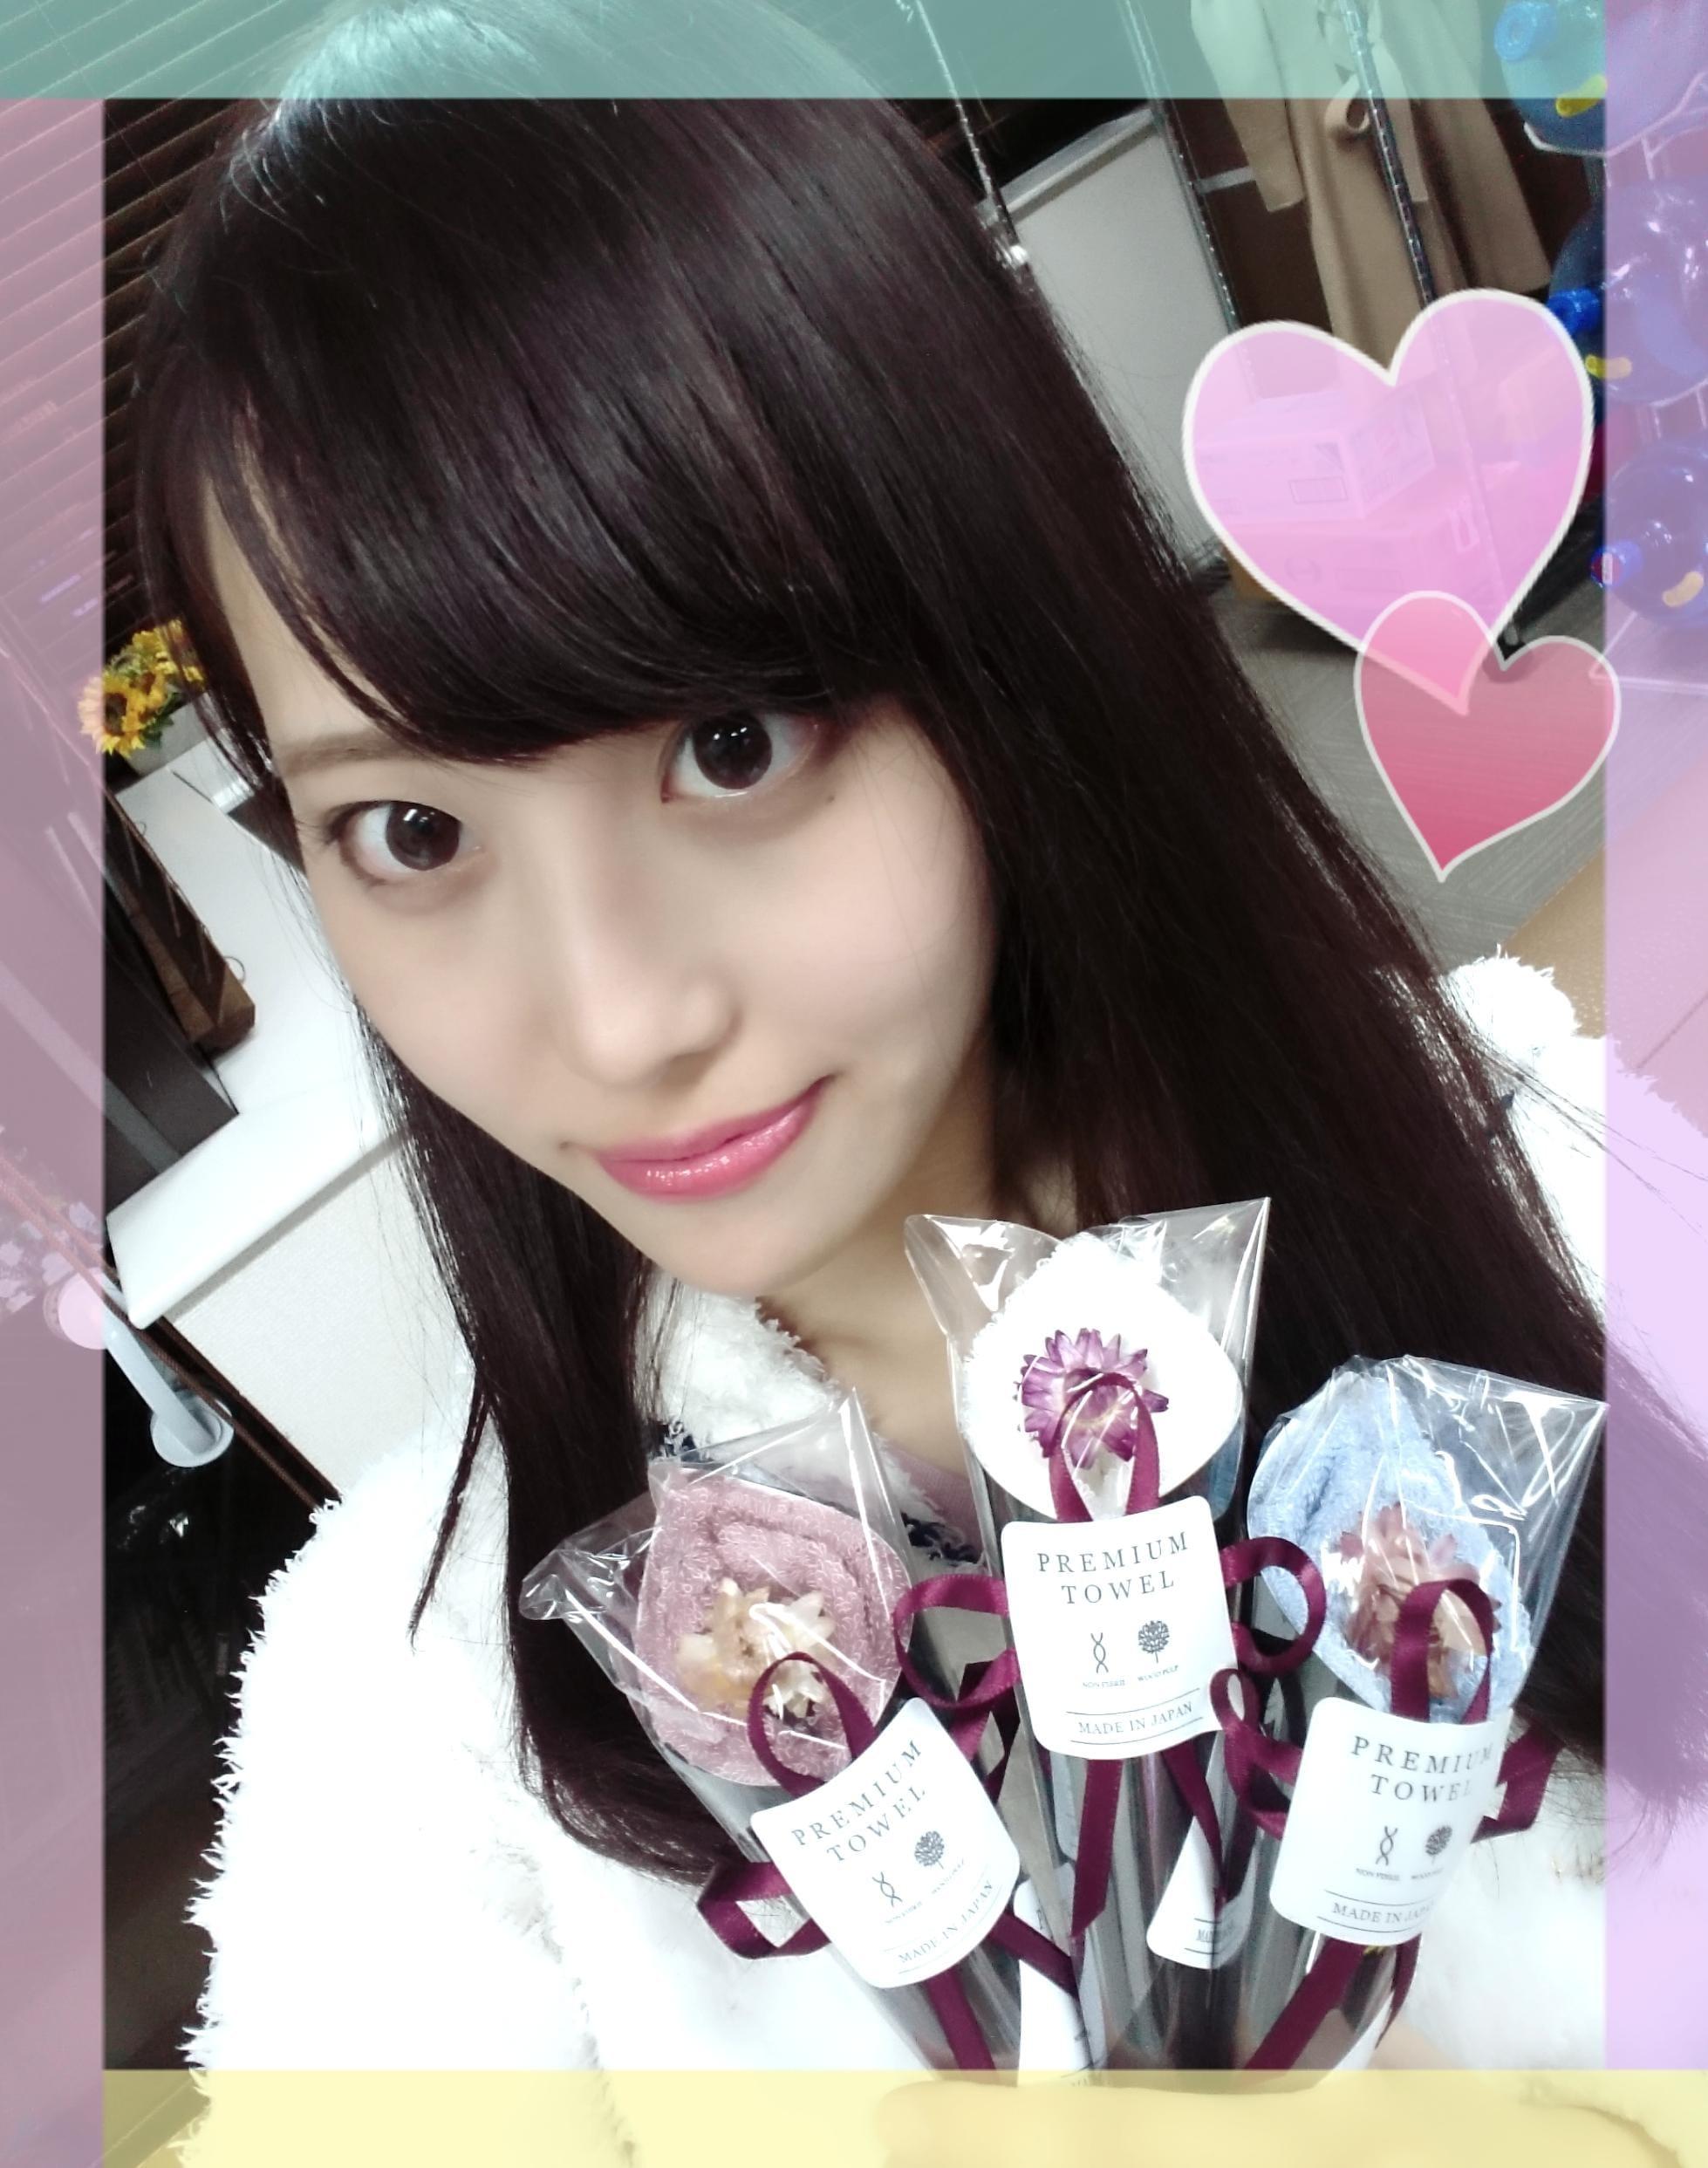 「可愛い?」01/07(月) 18:12 | 梨里花(リリカ)の写メ・風俗動画